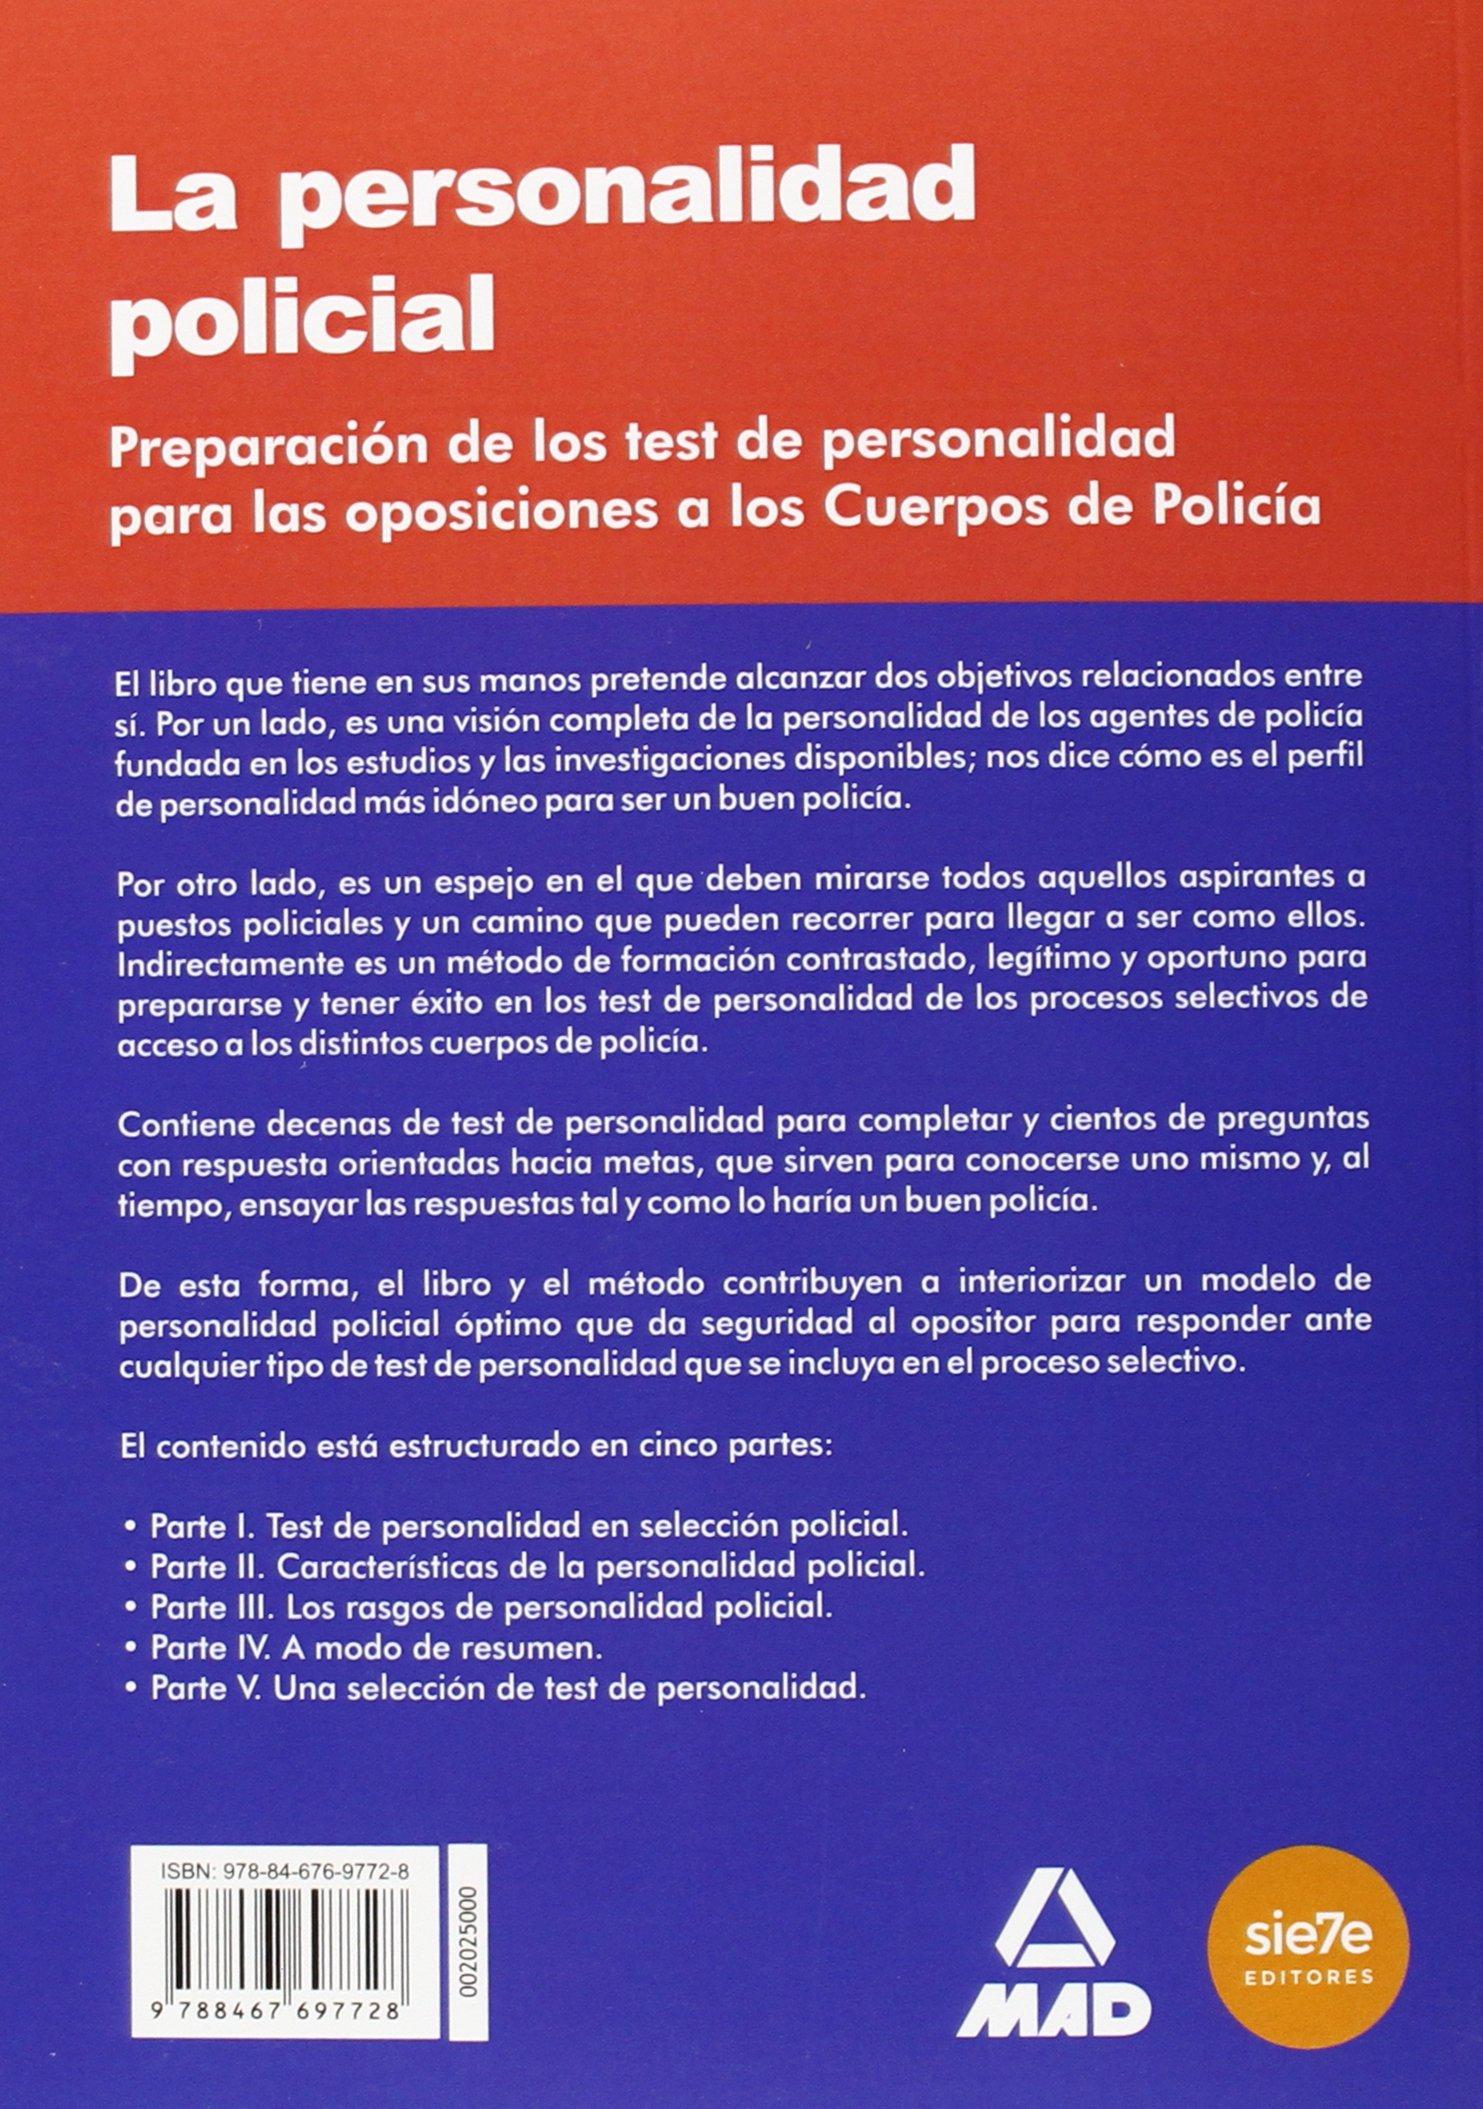 La personalidad policial: Ed. MAD: Amazon.com.mx: Libros